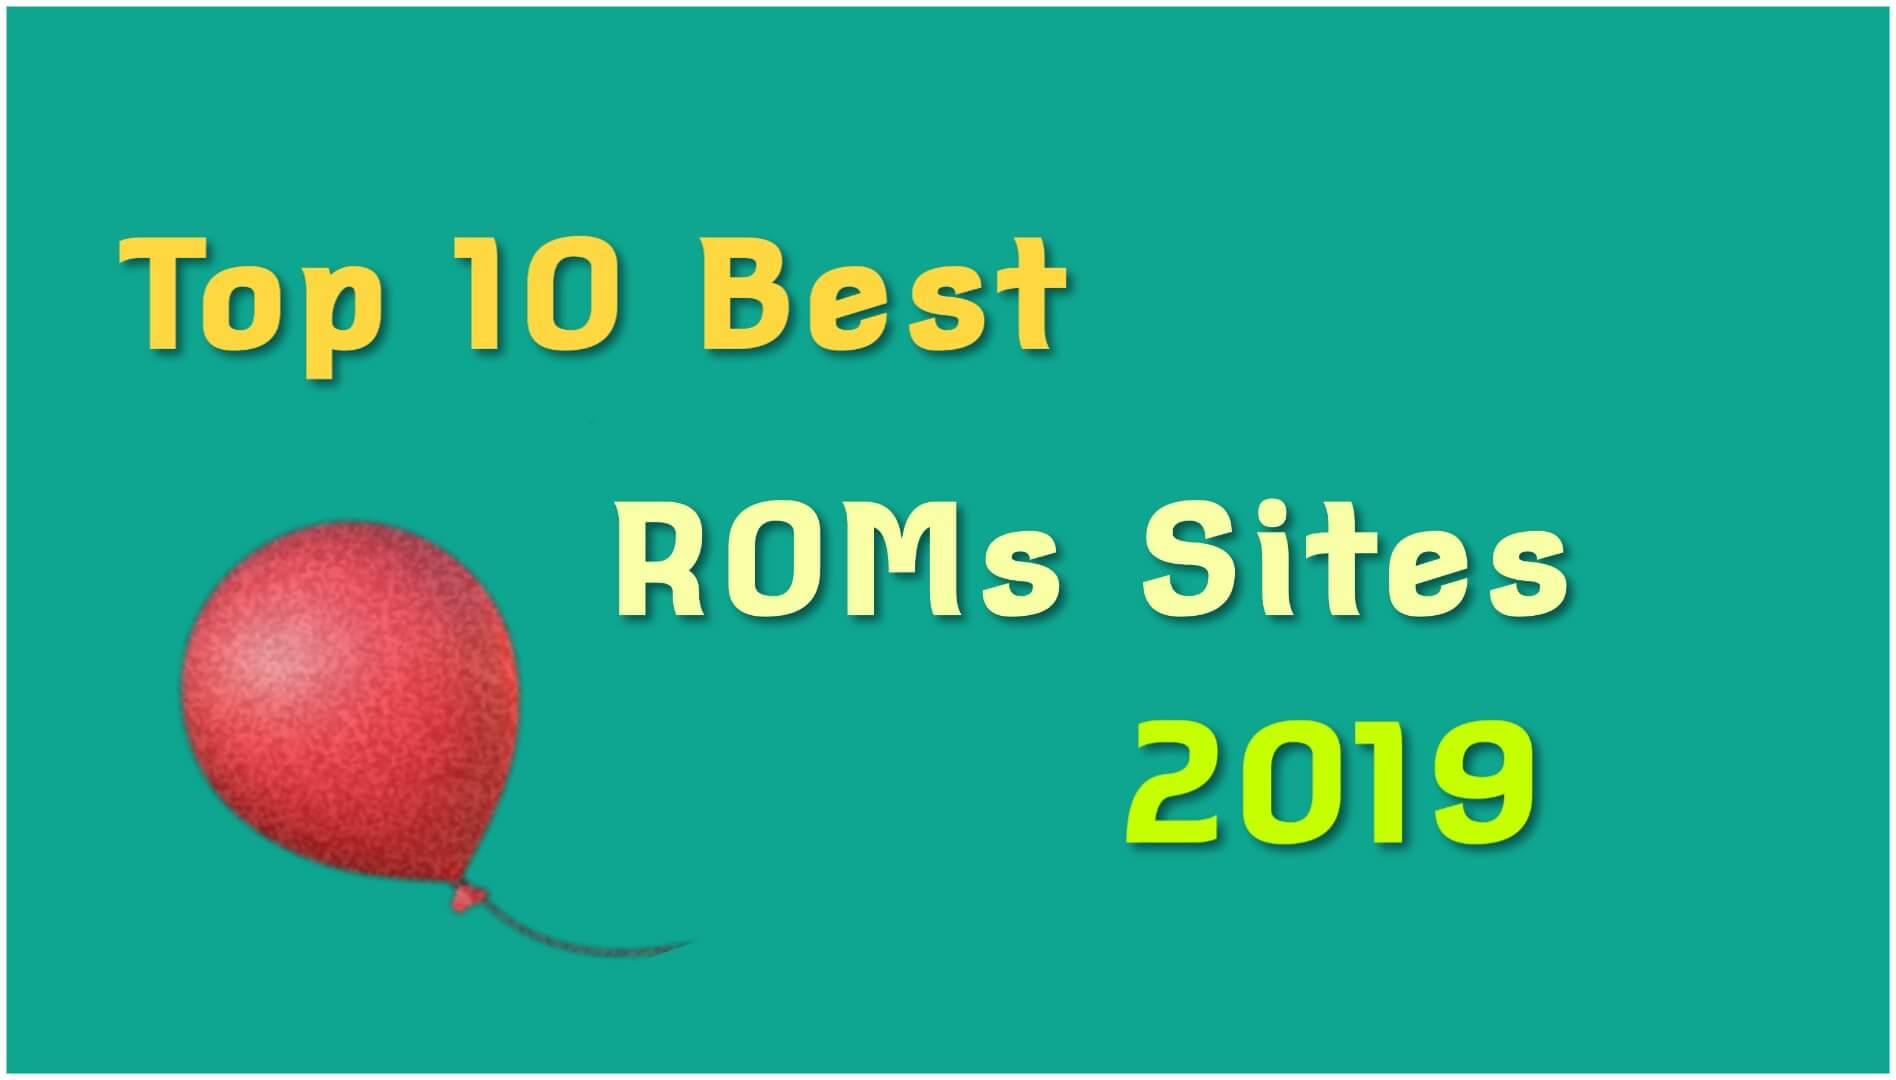 Best ROM Sites 2019